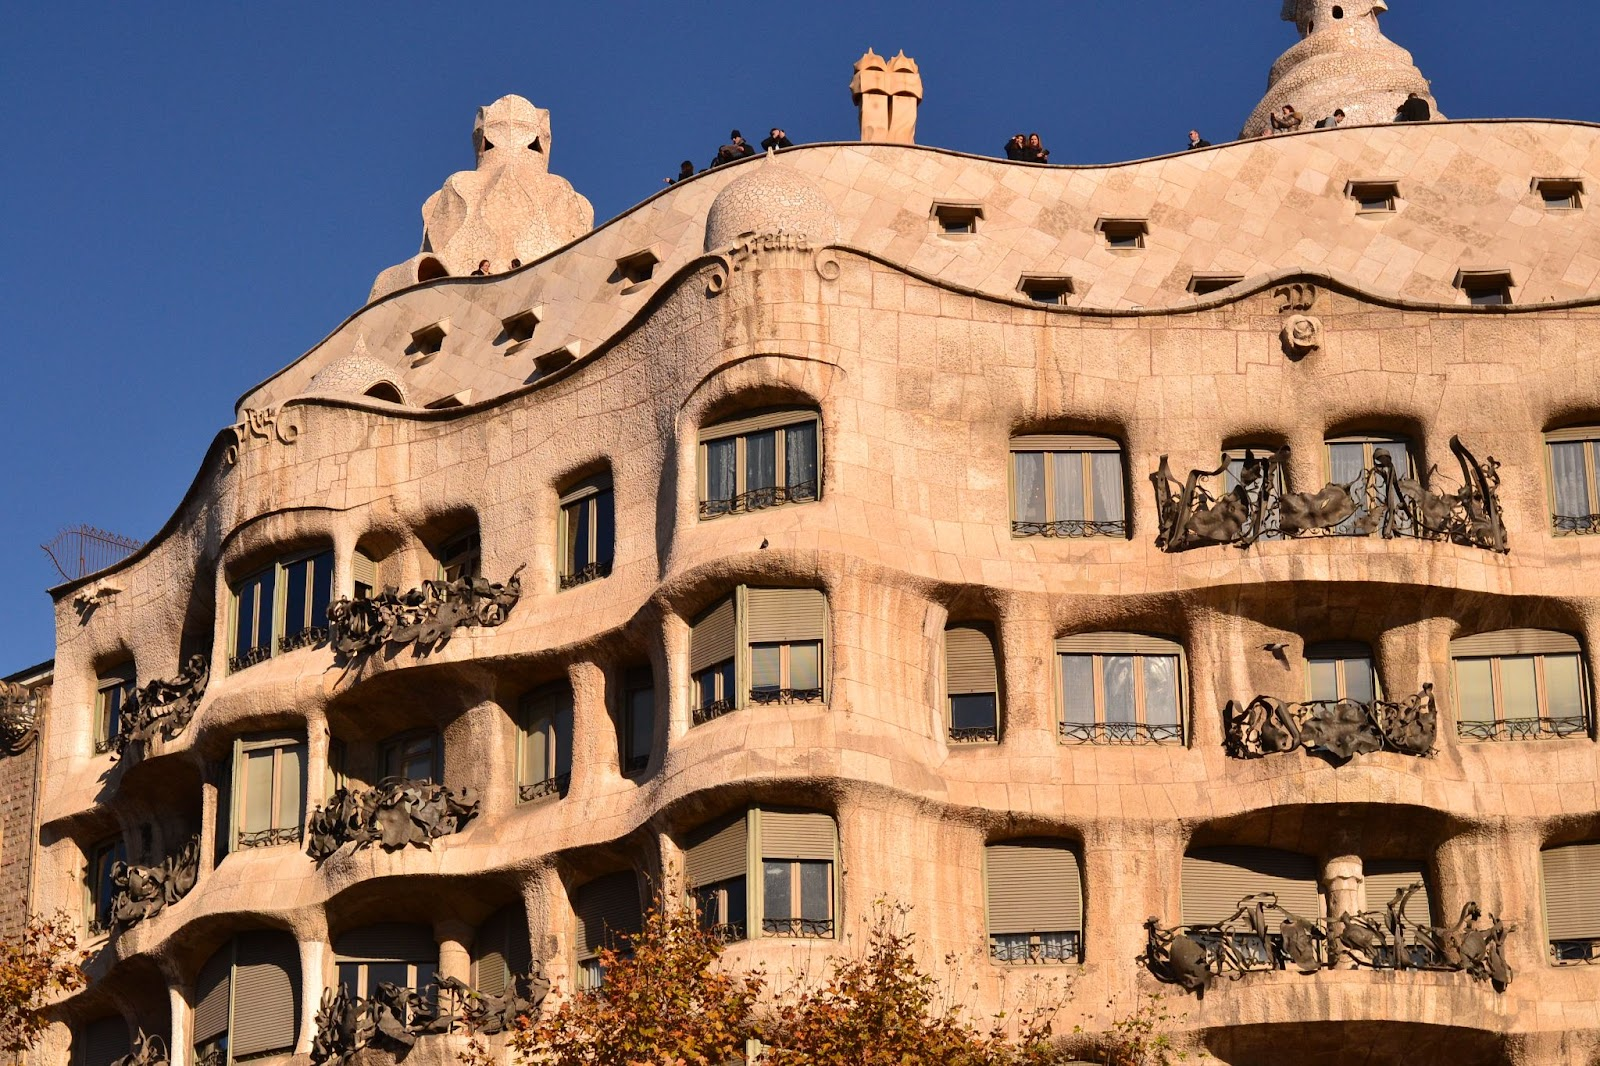 Victoria in japan land barcelona outside casa batllo and casa mila - Casa mila or casa batllo ...